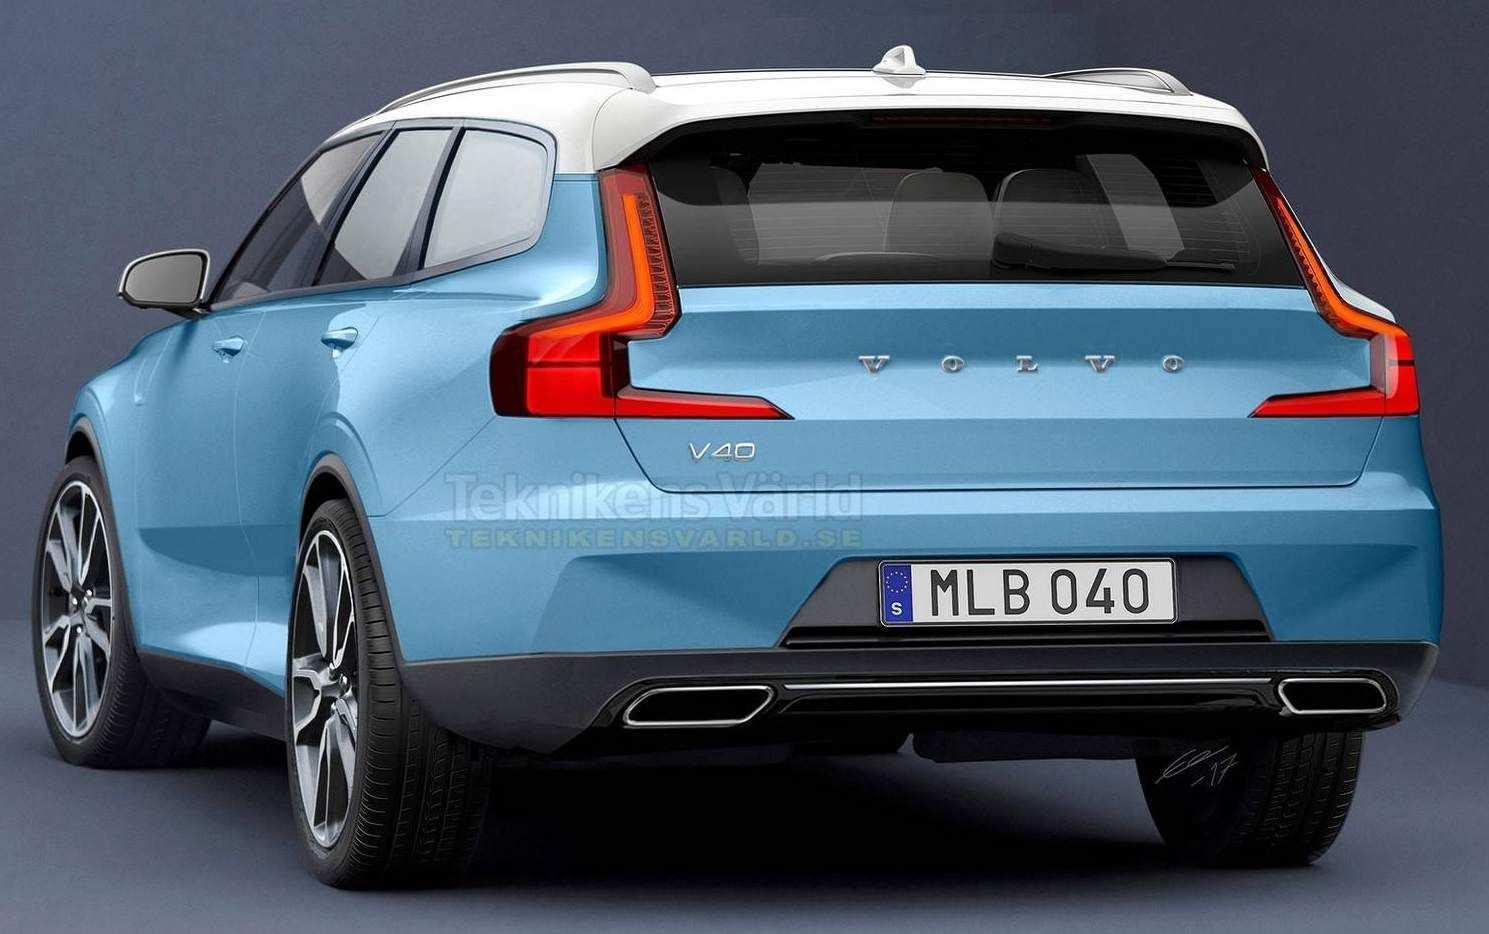 34 Concept of Volvo Neuheiten 2020 Research New for Volvo Neuheiten 2020